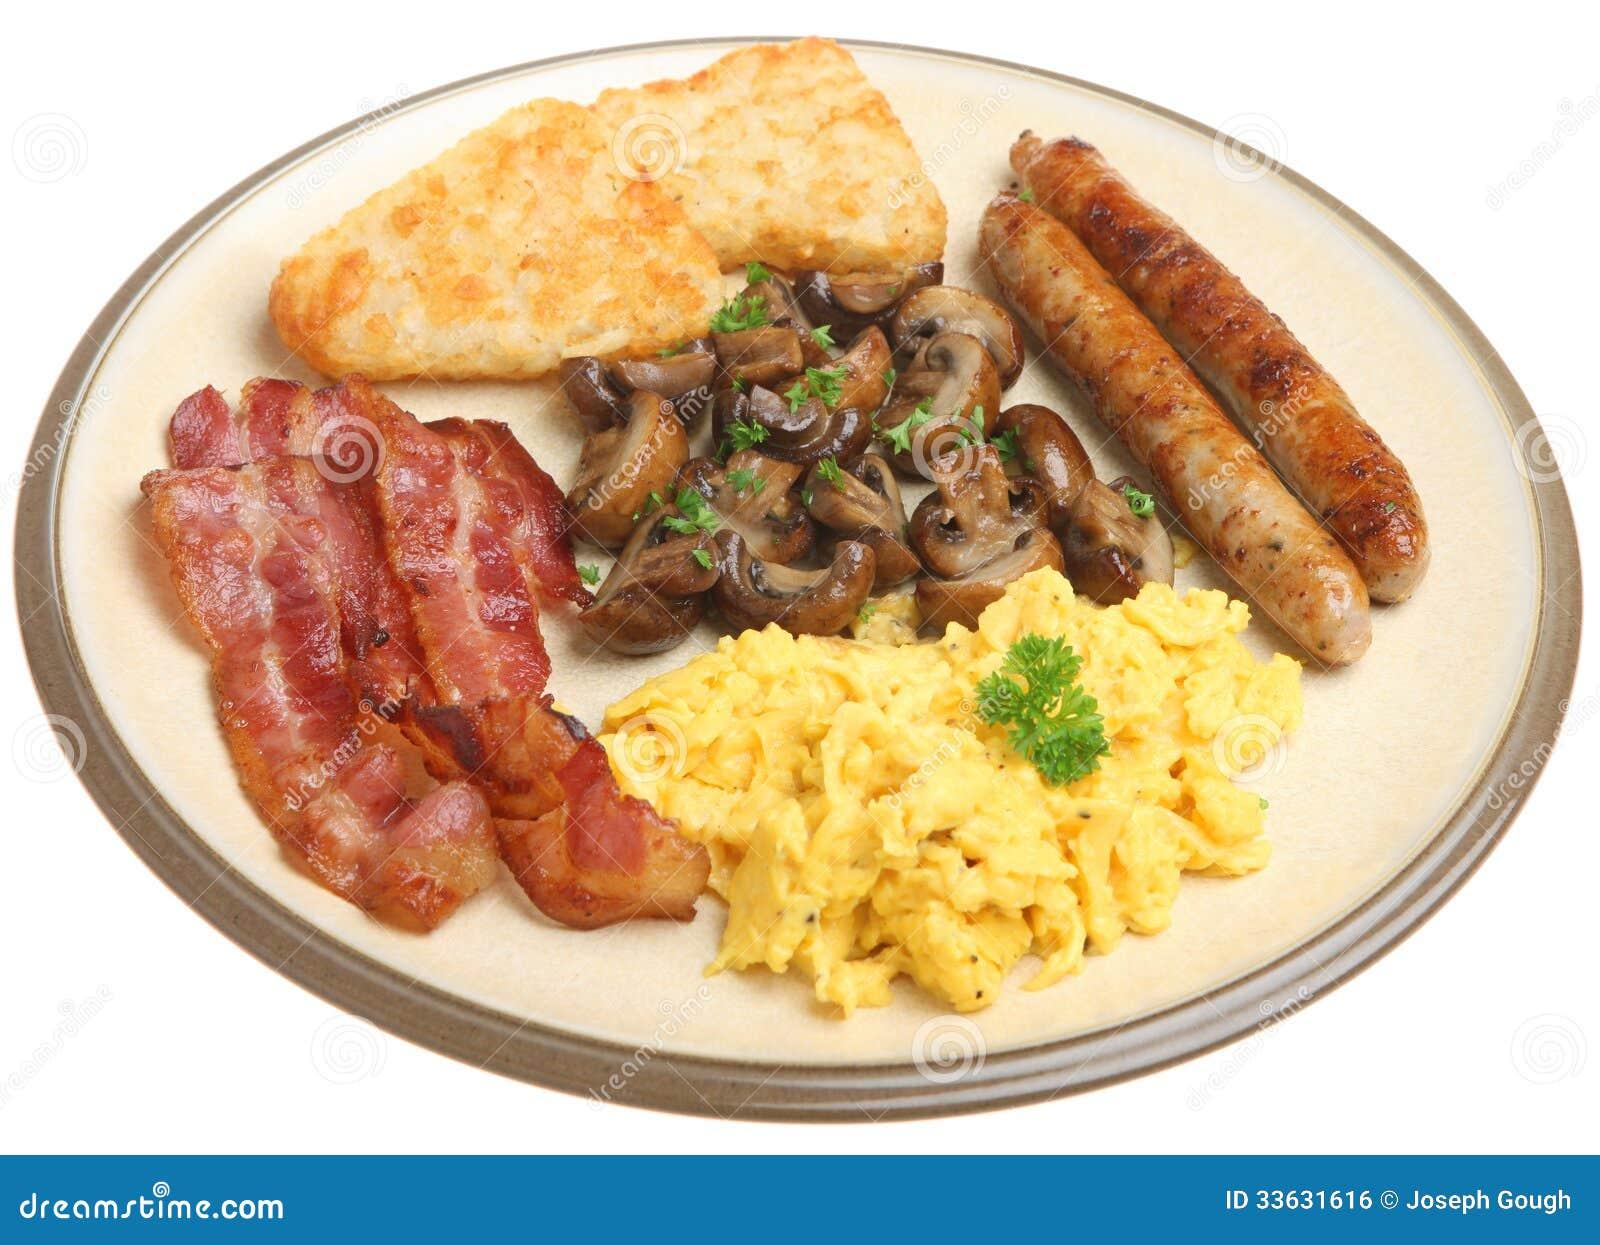 Englisch gekochtes Frühstück lokalisiert auf Weiß